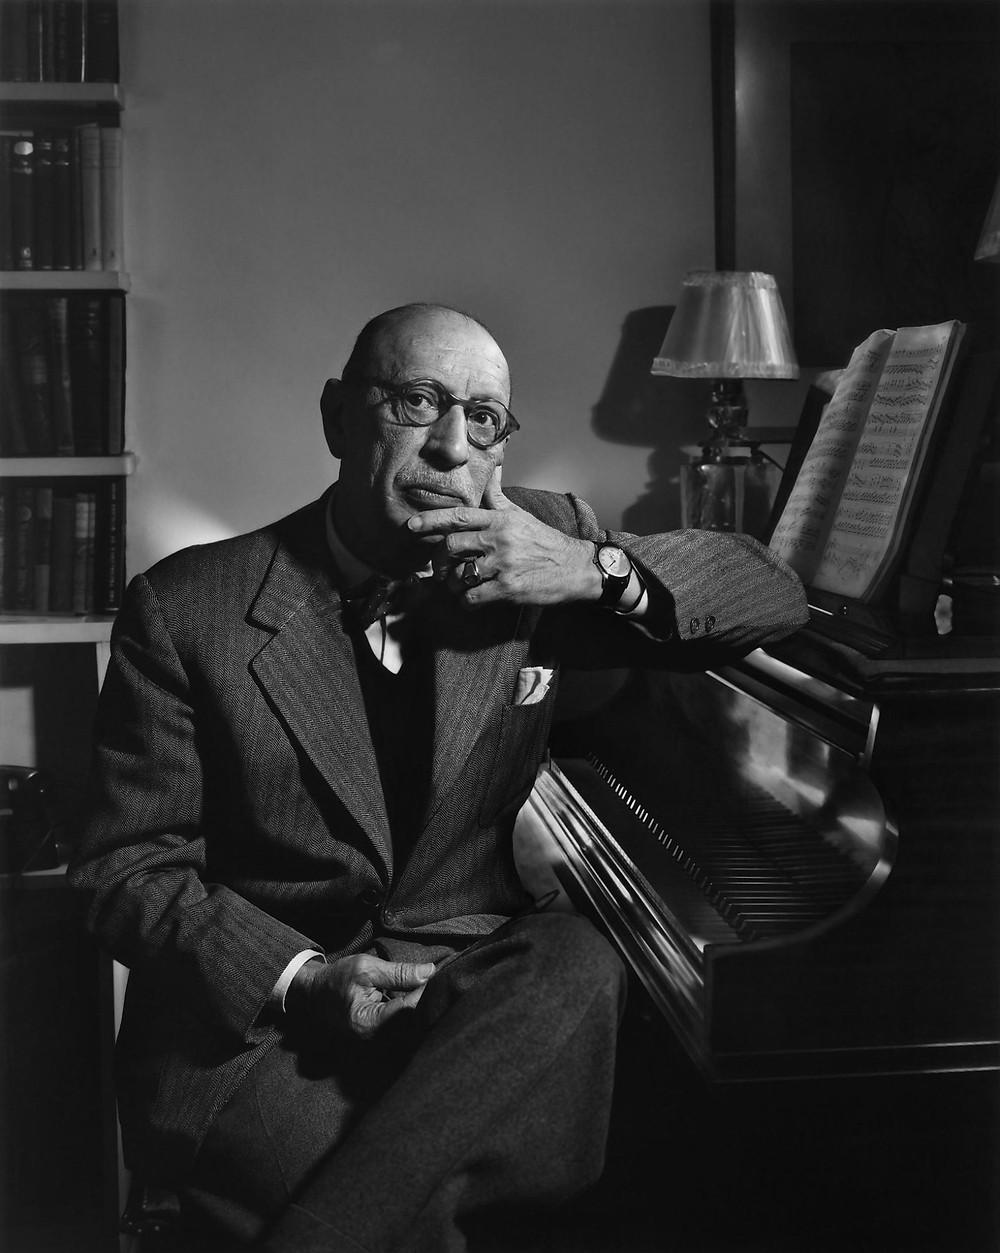 يجور سترافينسكي (17 يونيو 1882 - 6 أبريل 1971)، مؤلف موسيقى روسي. يعد من أكثر المؤلفين الموسيقيين تأثيرا في القرن العشرين